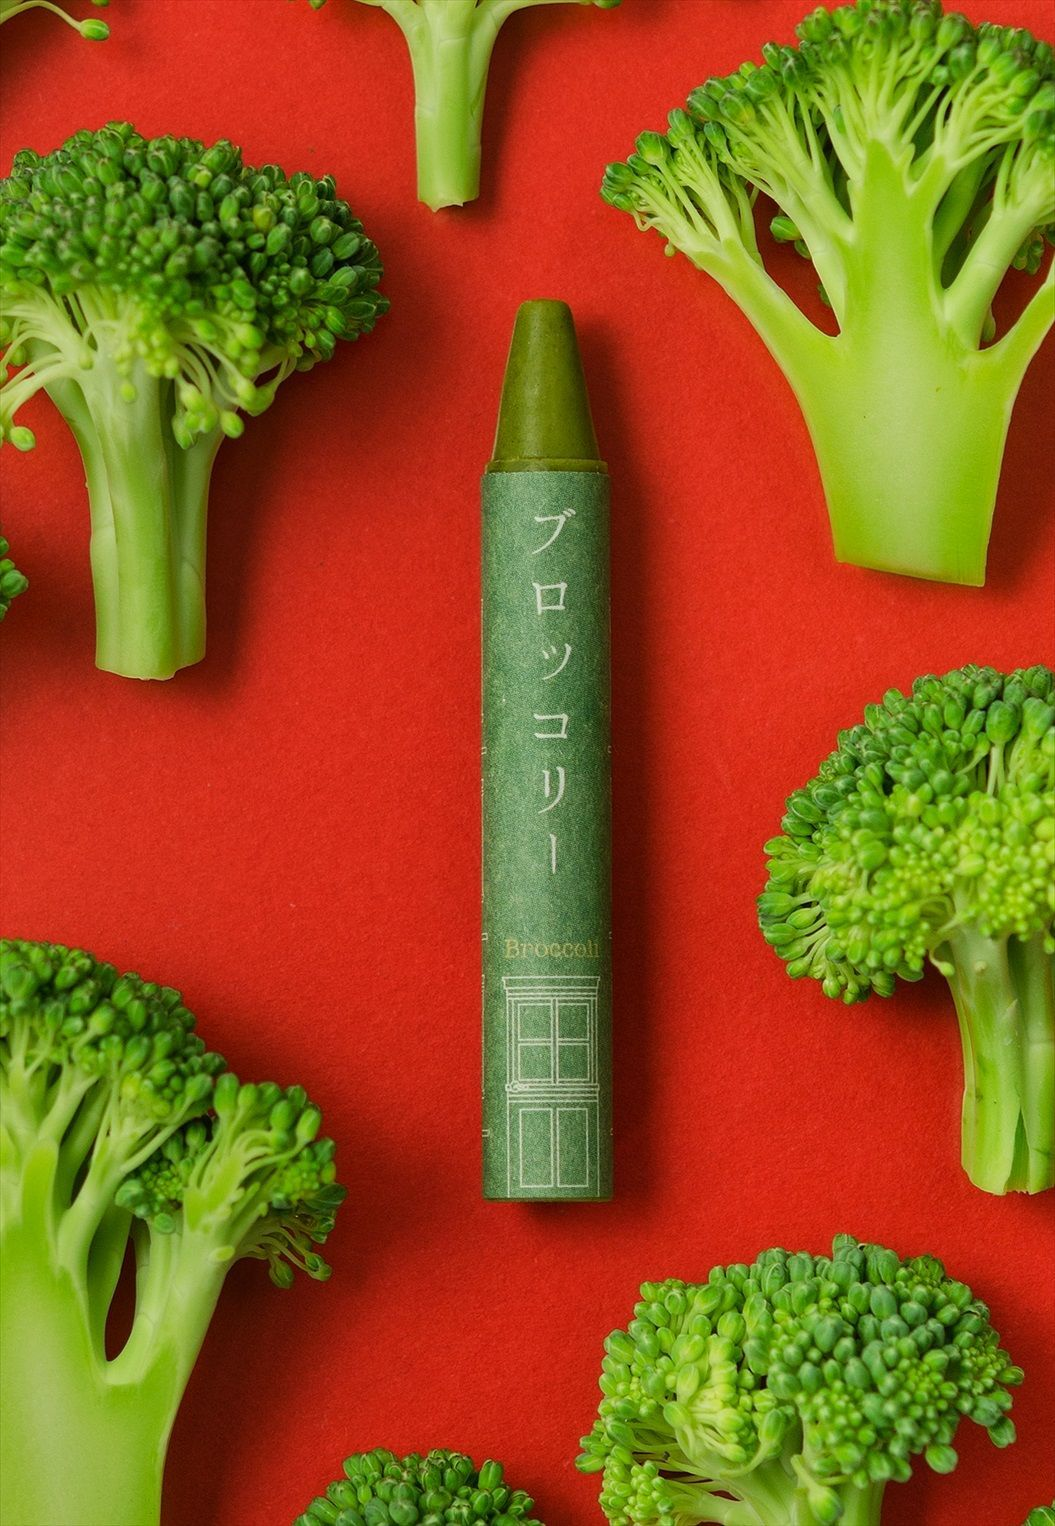 02_trim_broccori_R